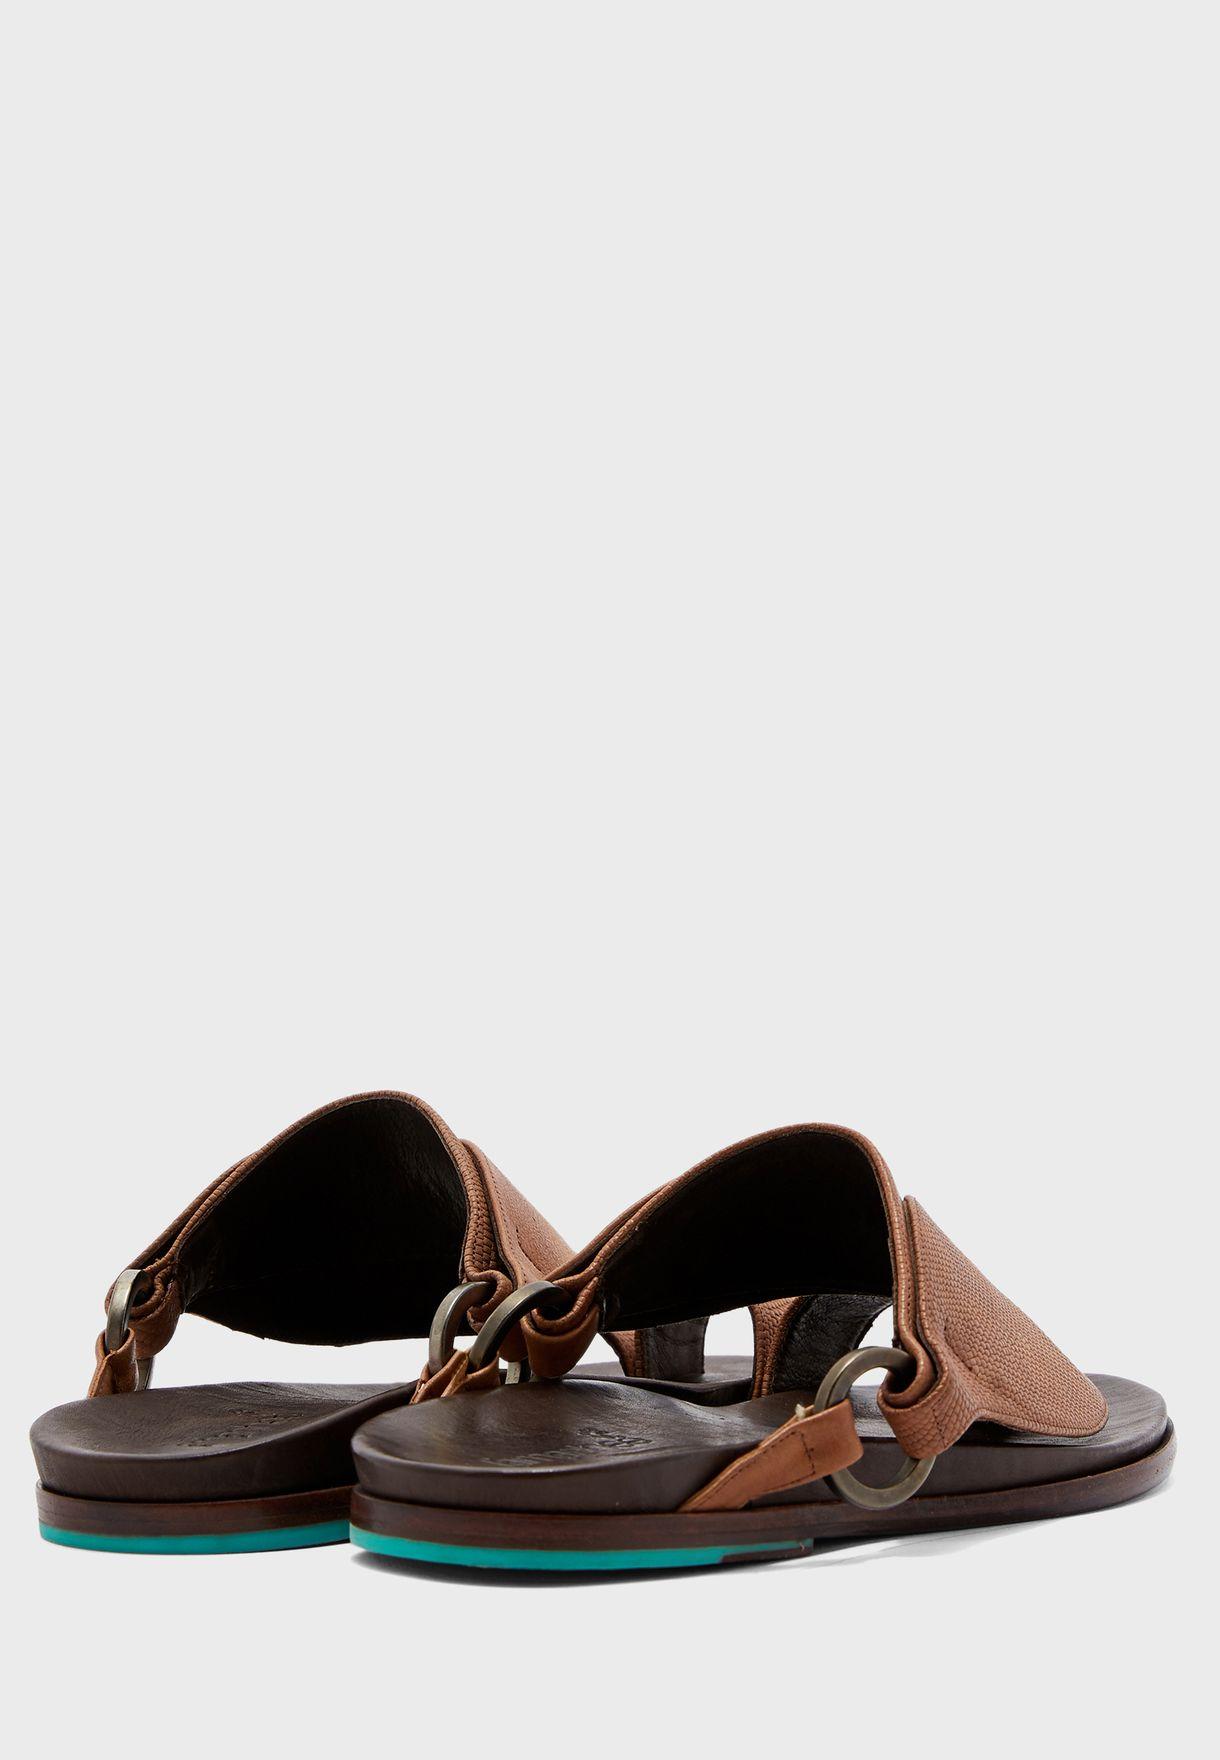 Luban Wide Strap Sandals